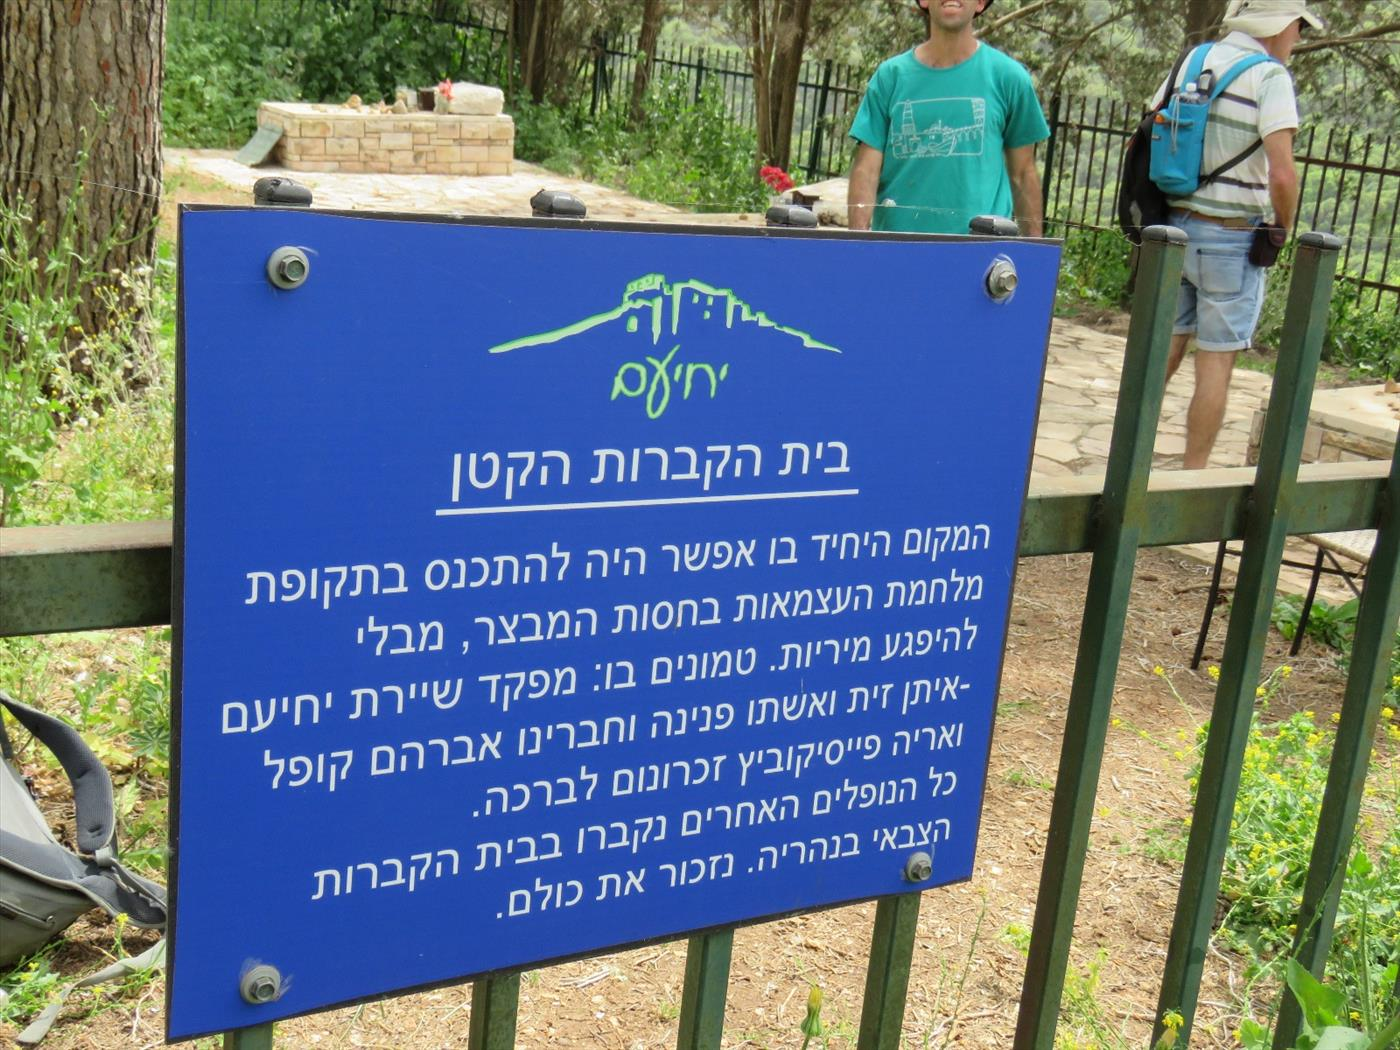 בית הקברות בו נטמן מפקד שיירת יחיעם (ירון בוצר)